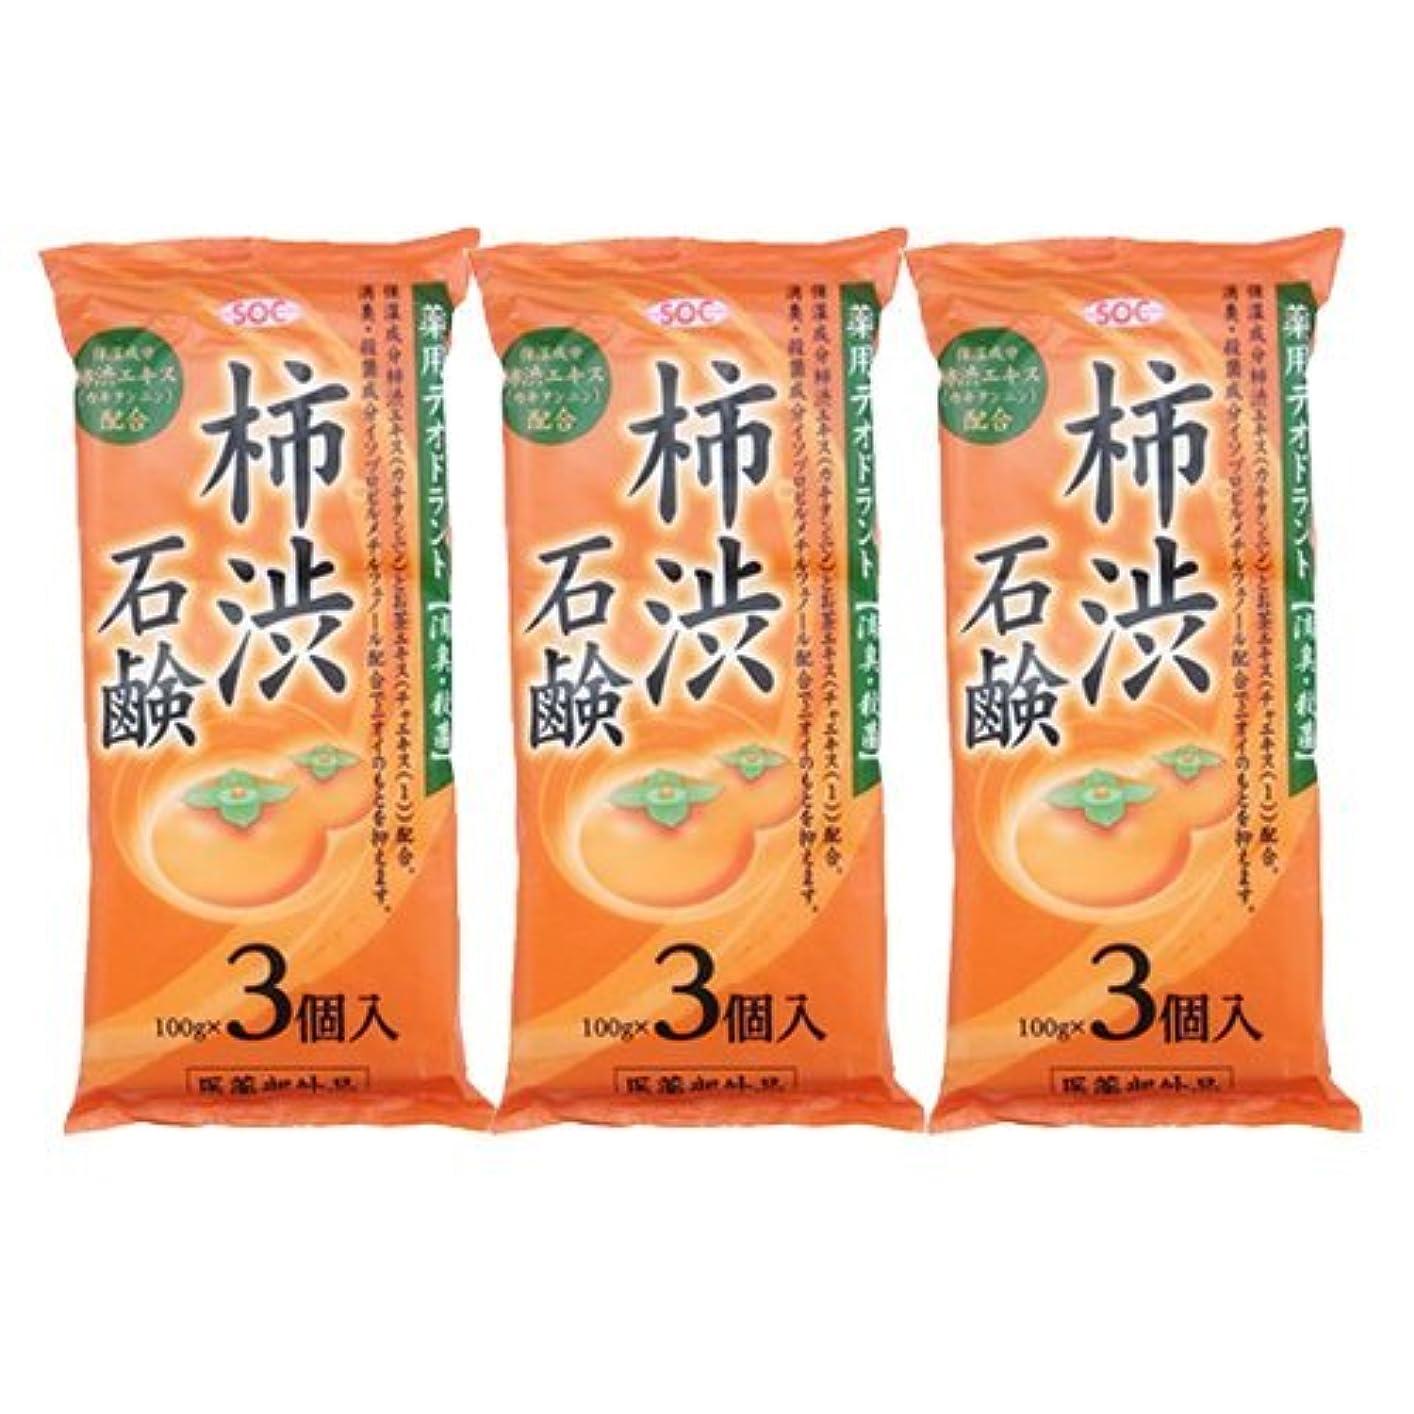 社員ブルーム繊細渋谷油脂 SOC 薬用柿渋石鹸 3P ×3袋セット (100g×9個)